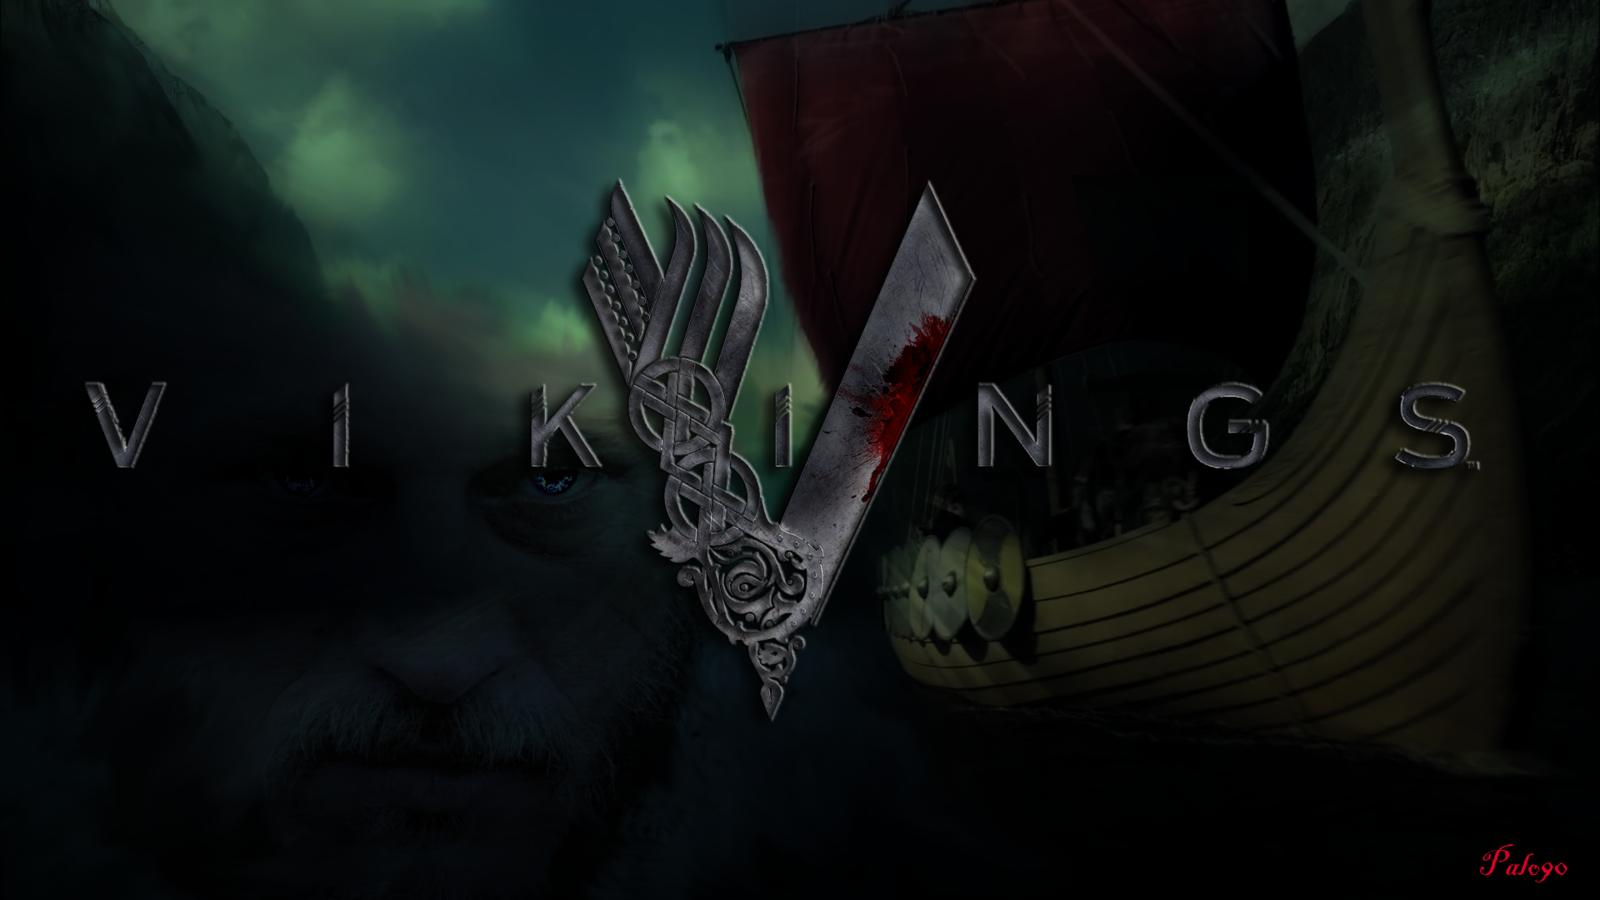 vikings history channel wallpaper by palo90 fan art wallpaper movies 1600x900